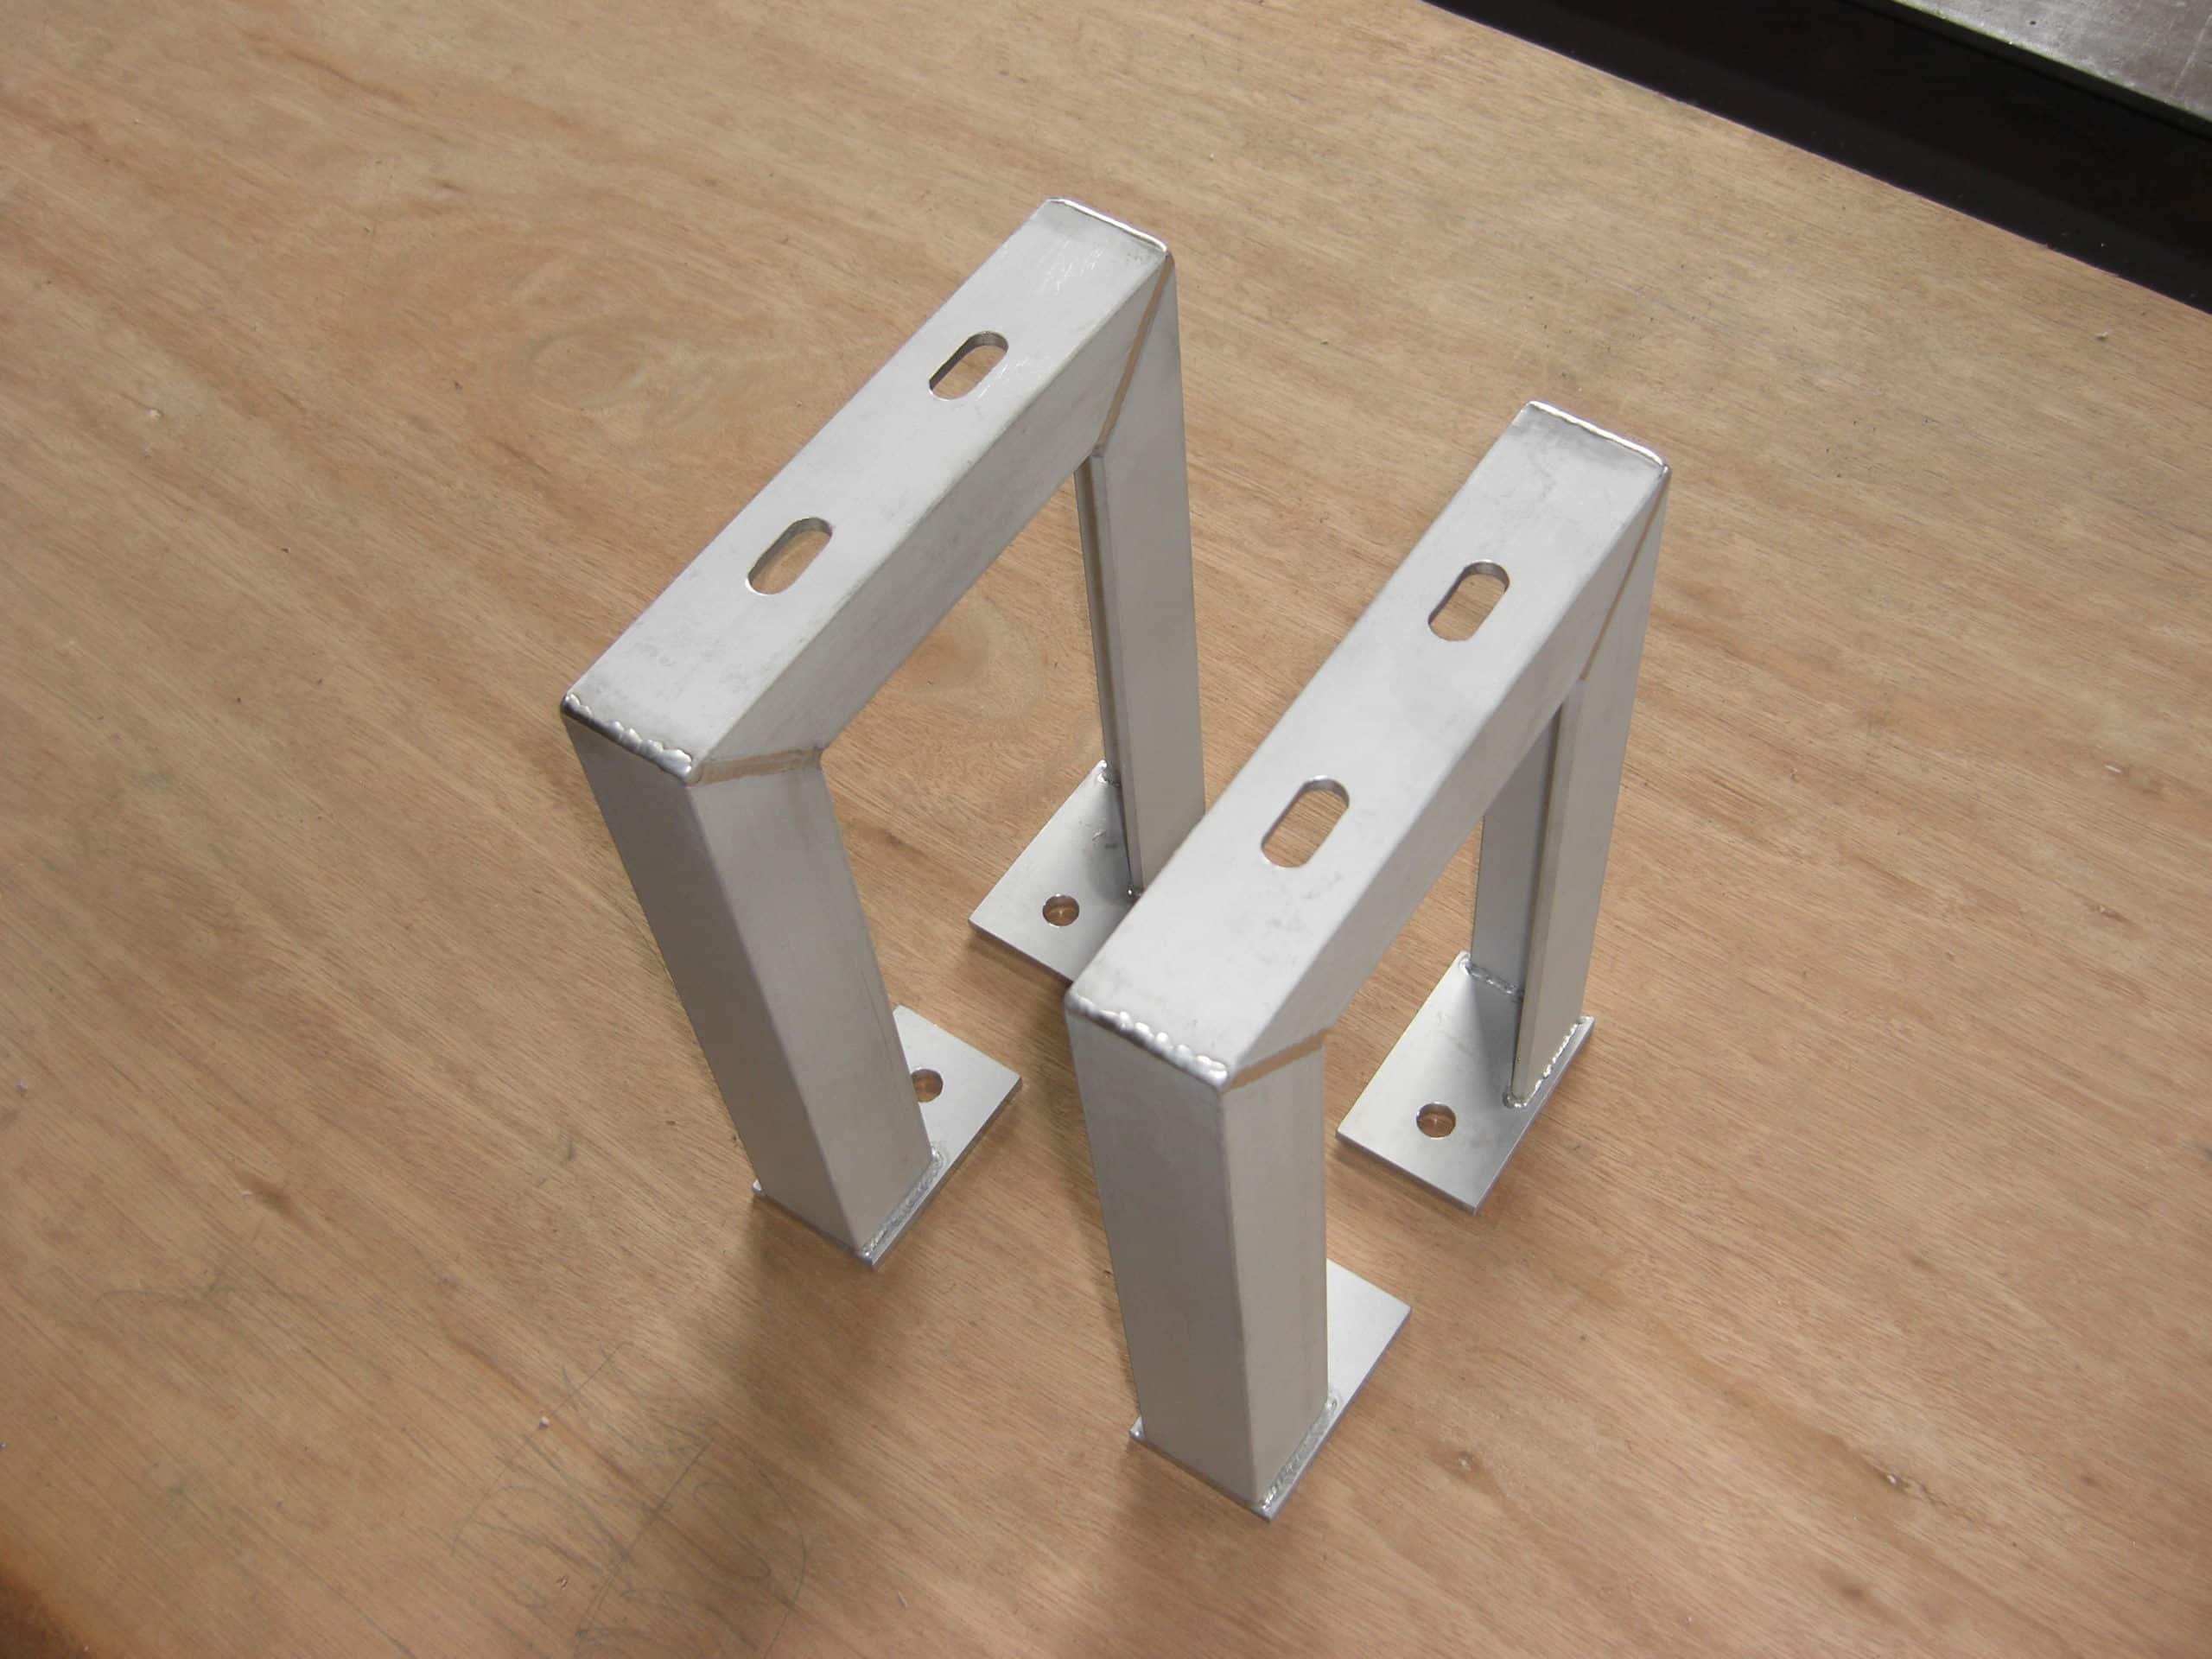 配管用架台を製作しました